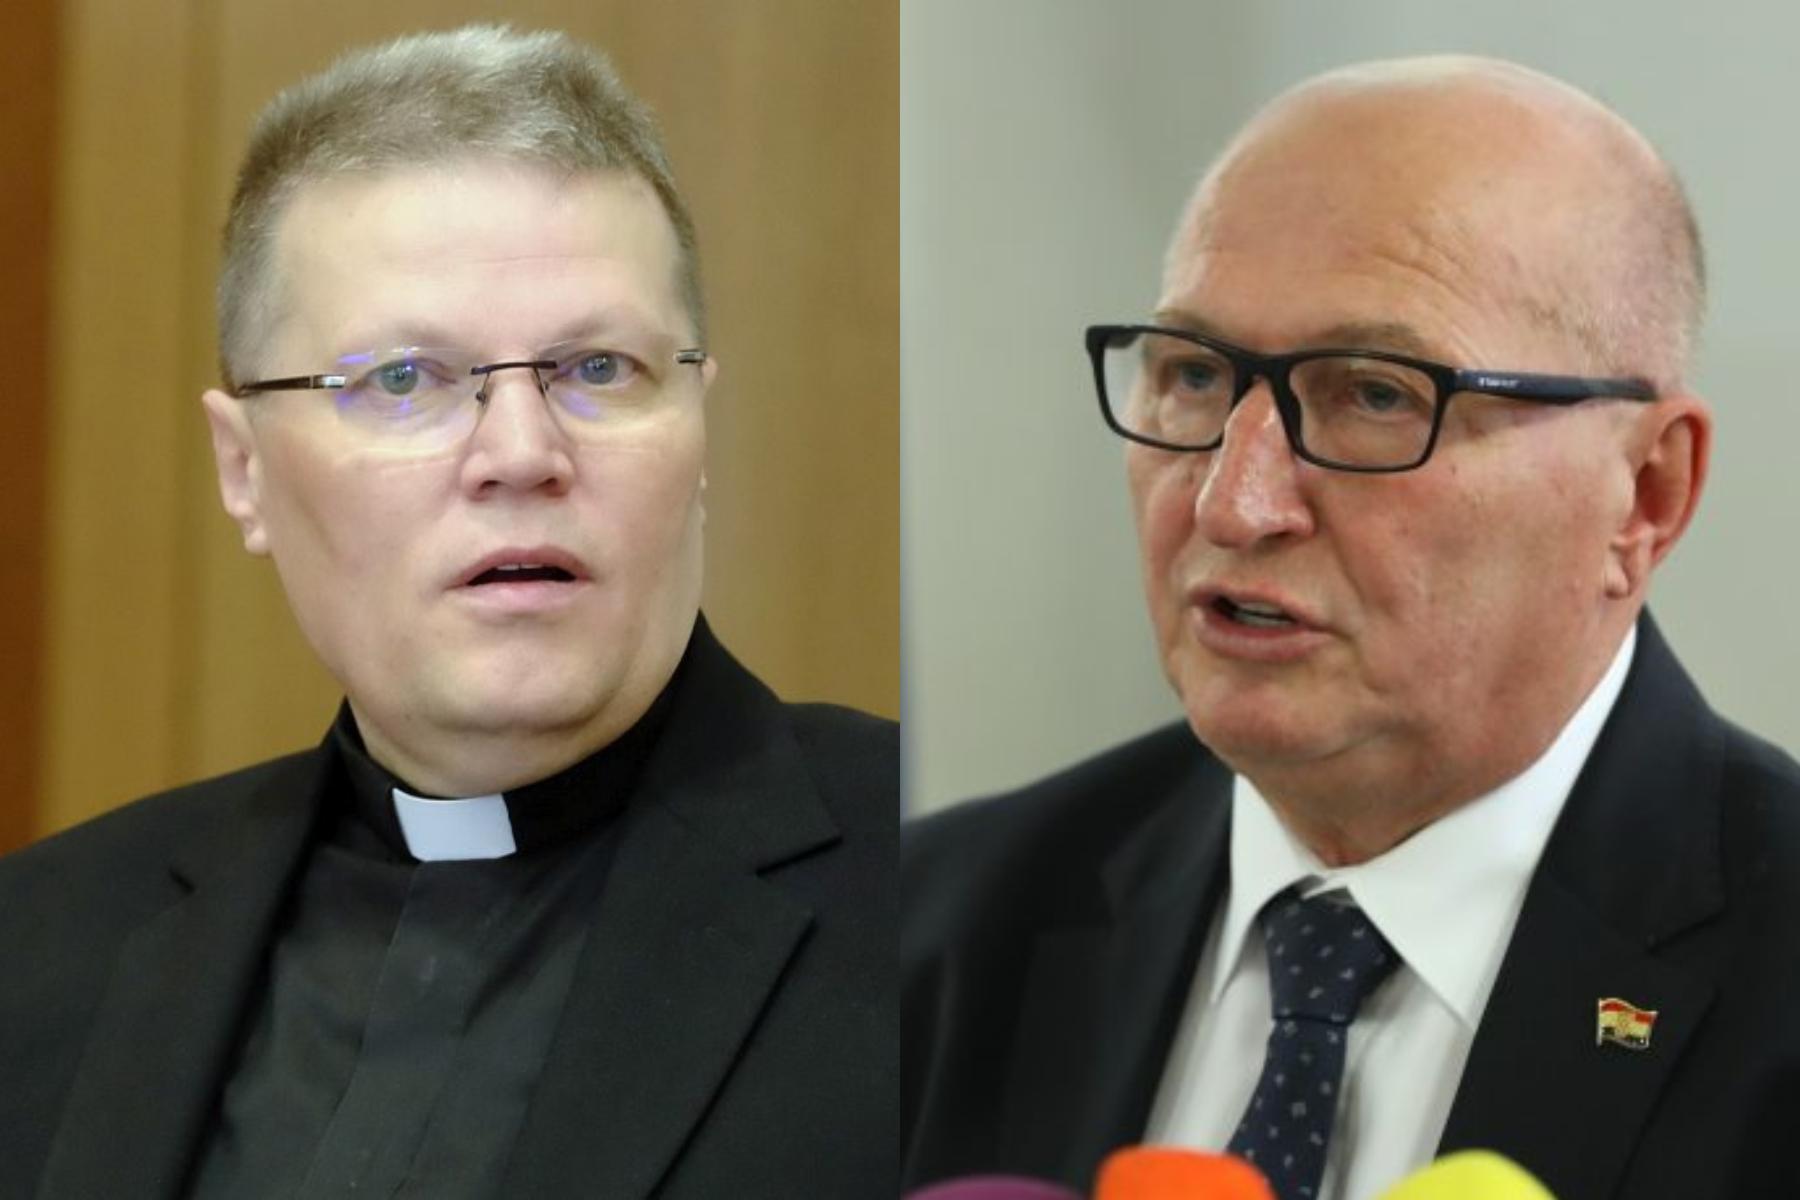 Nadbiskup Hranić: 'Crkva propovijeda da je obiteljsko zajedništvo utemeljeno na braku muškarca i žene'